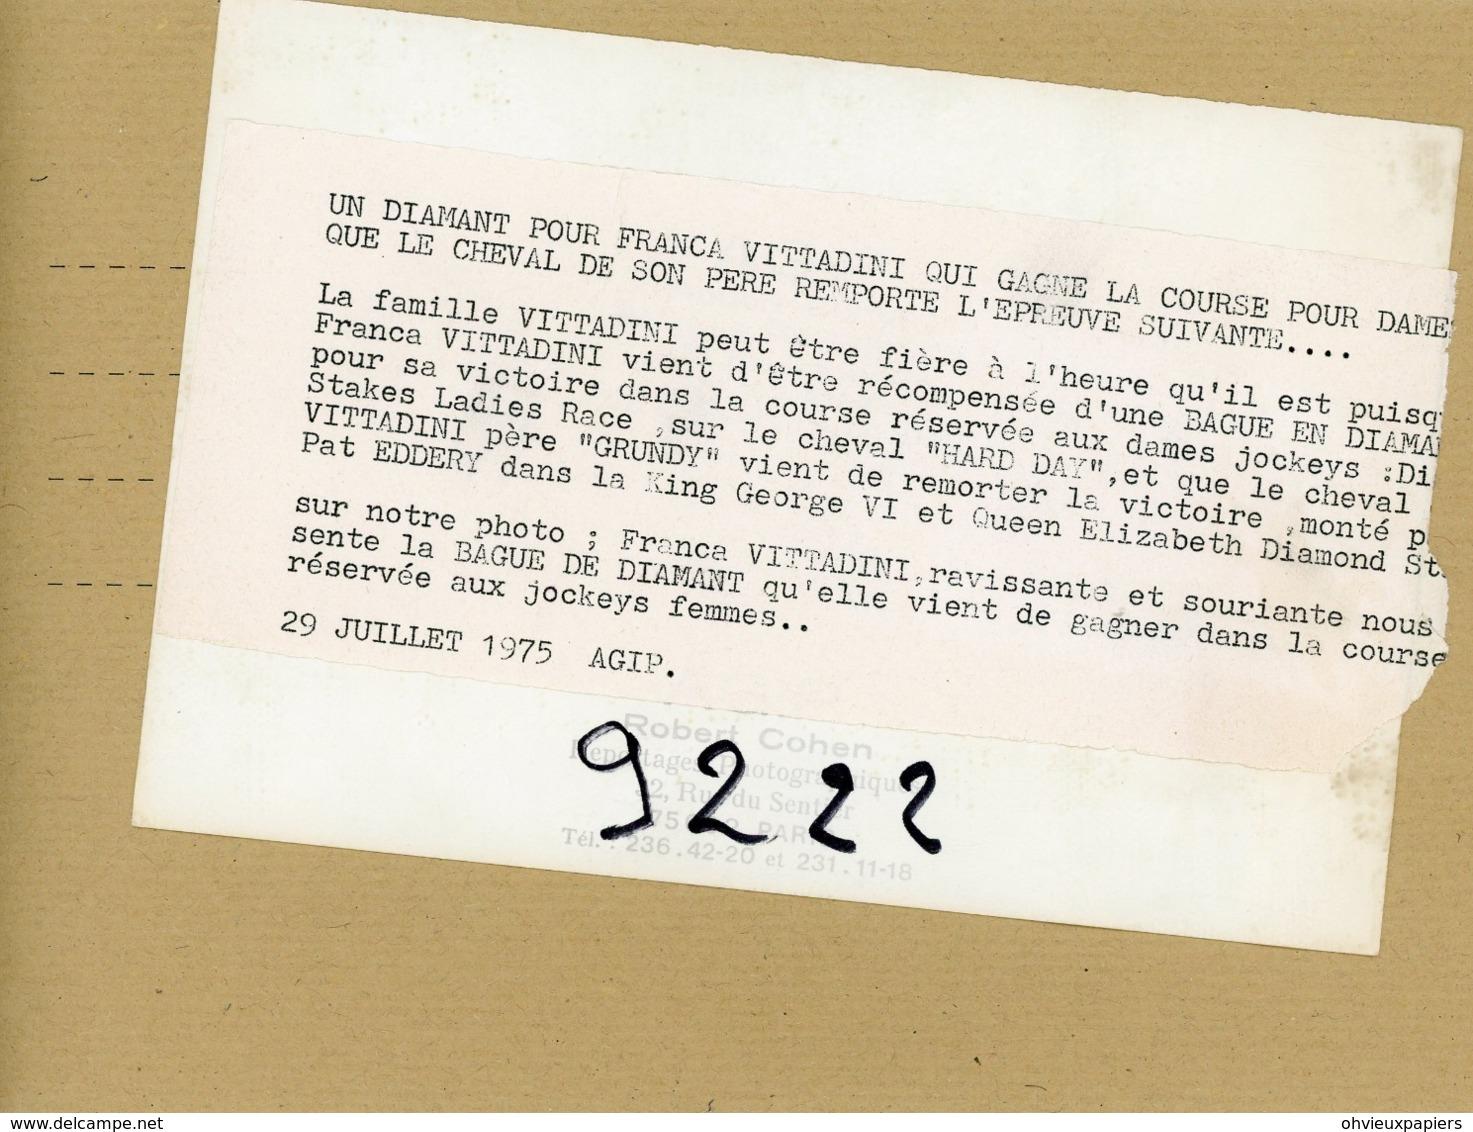 HIPPISME -  FRANCE VITTADINI  Remporte La Bague De Diamant  Réservée Aux Jockeys Femmes  1975 - Sports